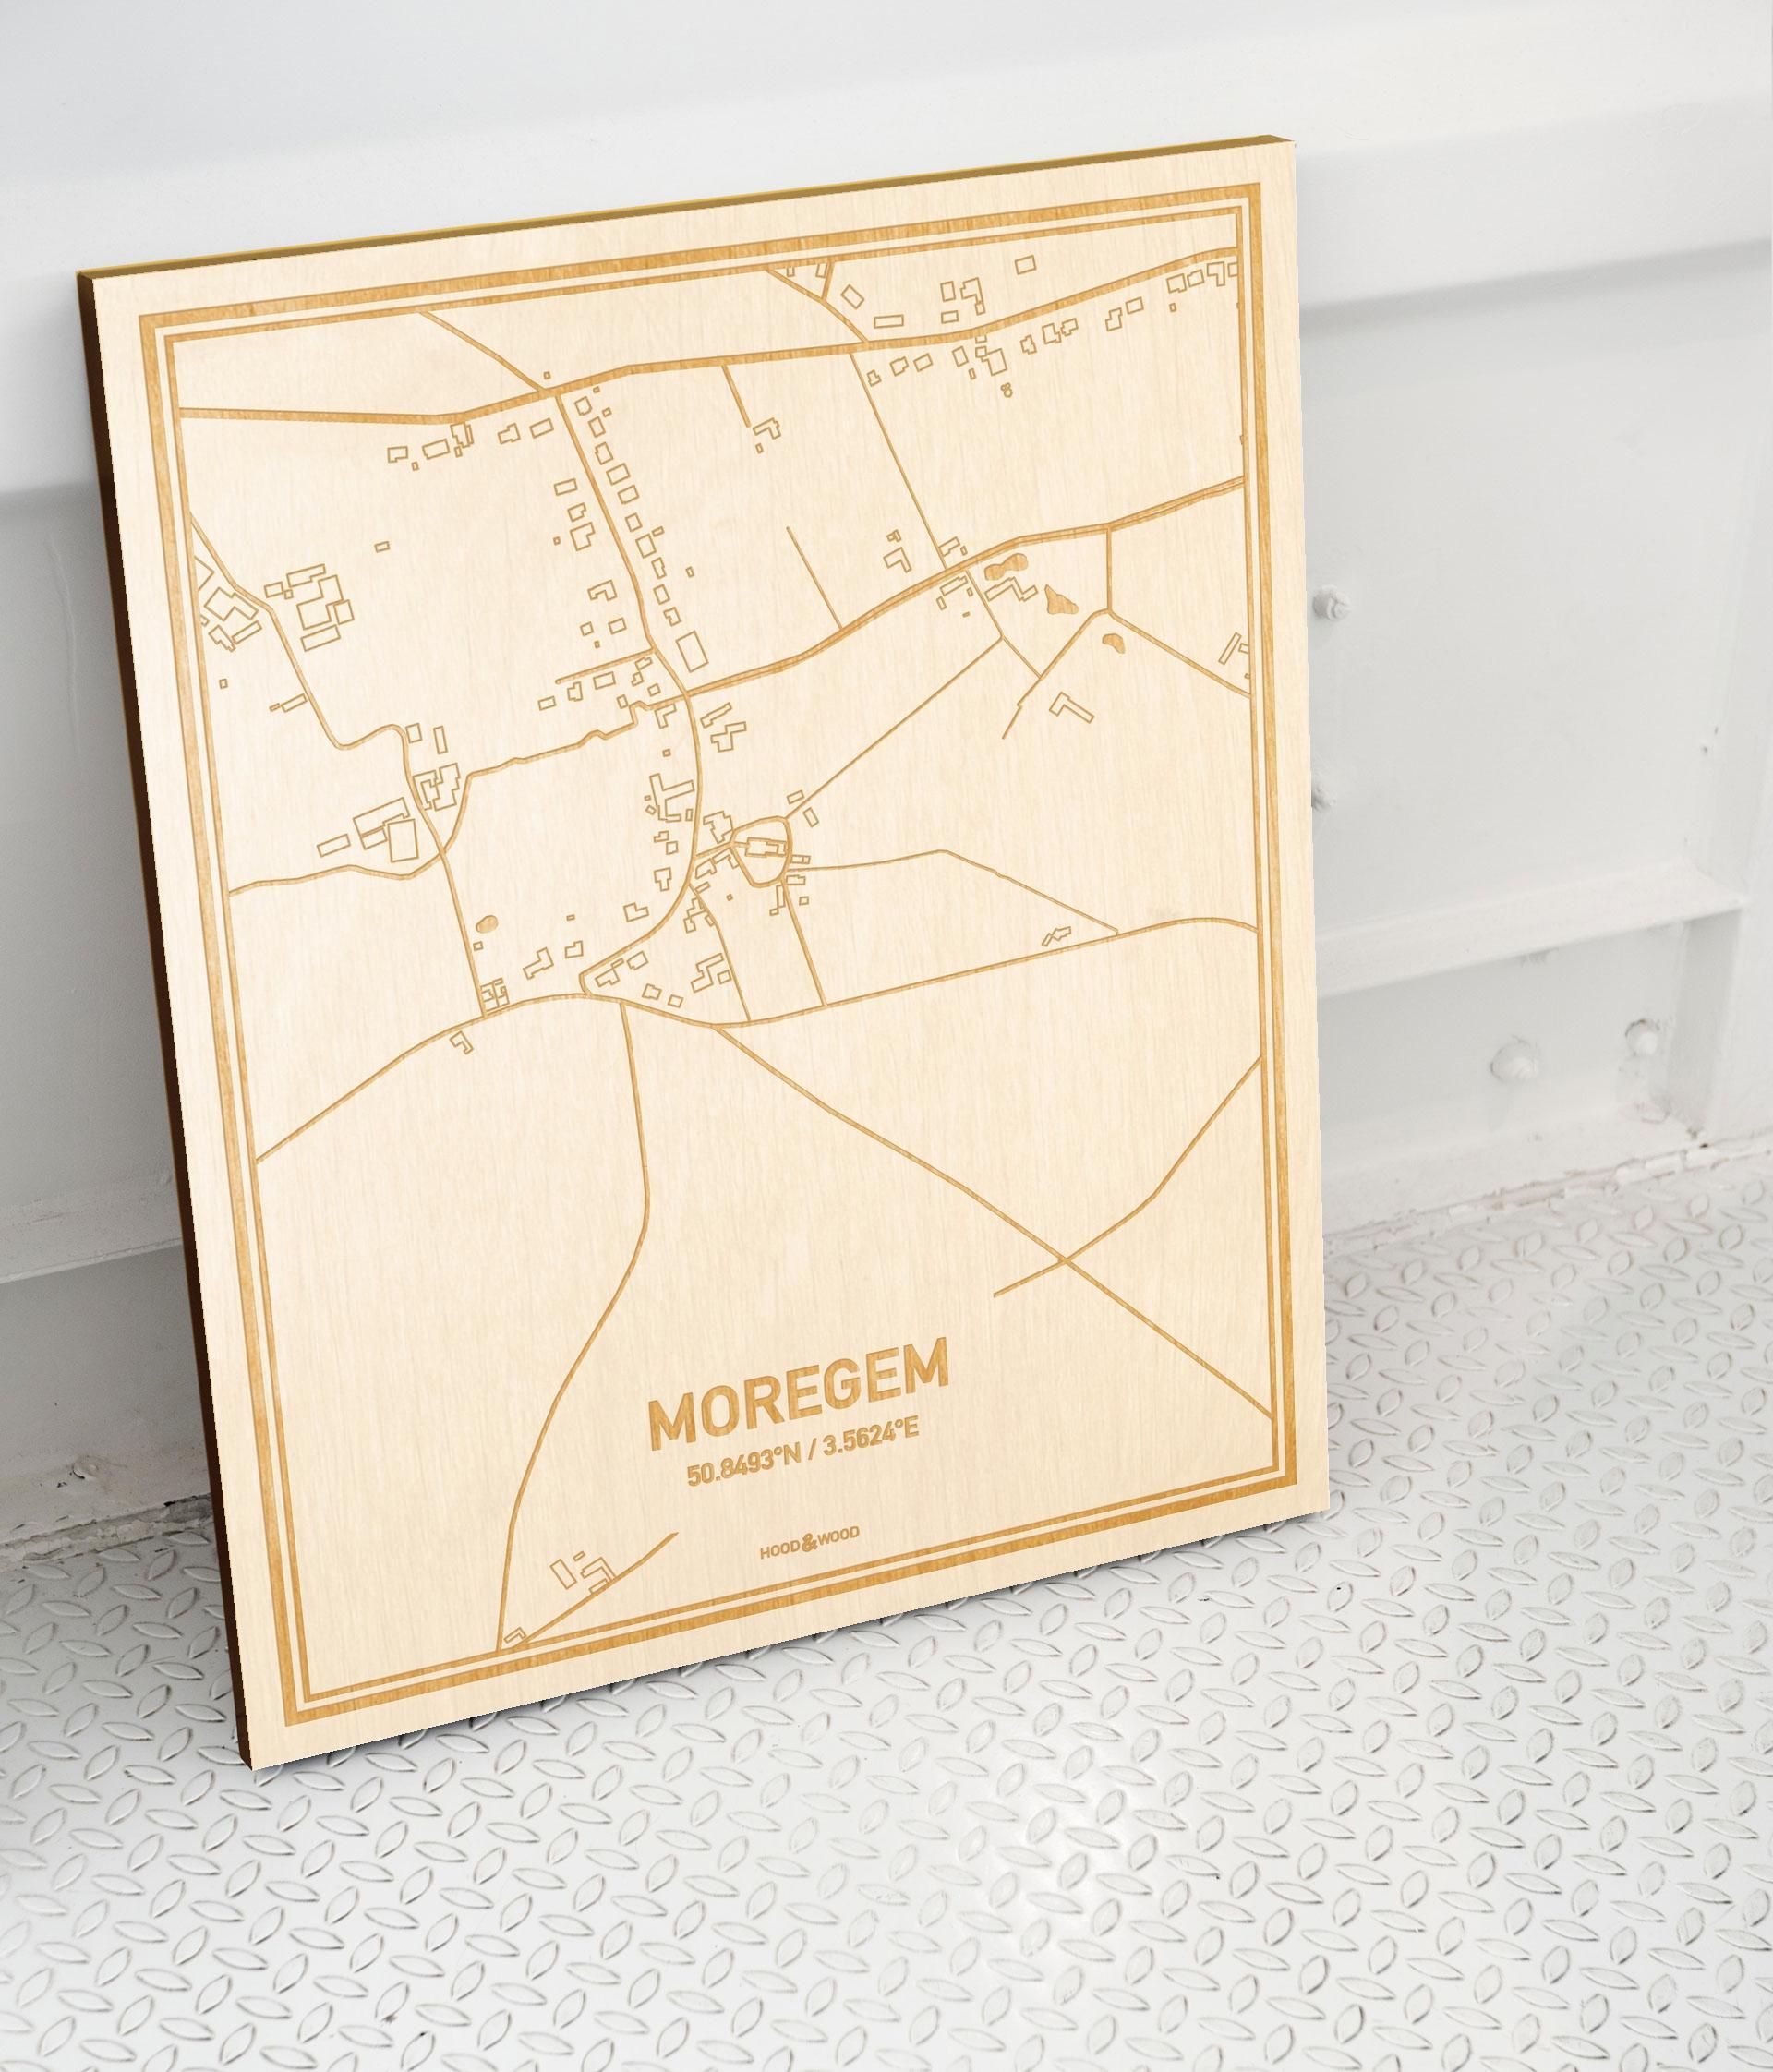 Plattegrond Moregem als prachtige houten wanddecoratie. Het warme hout contrasteert mooi met de witte muur.